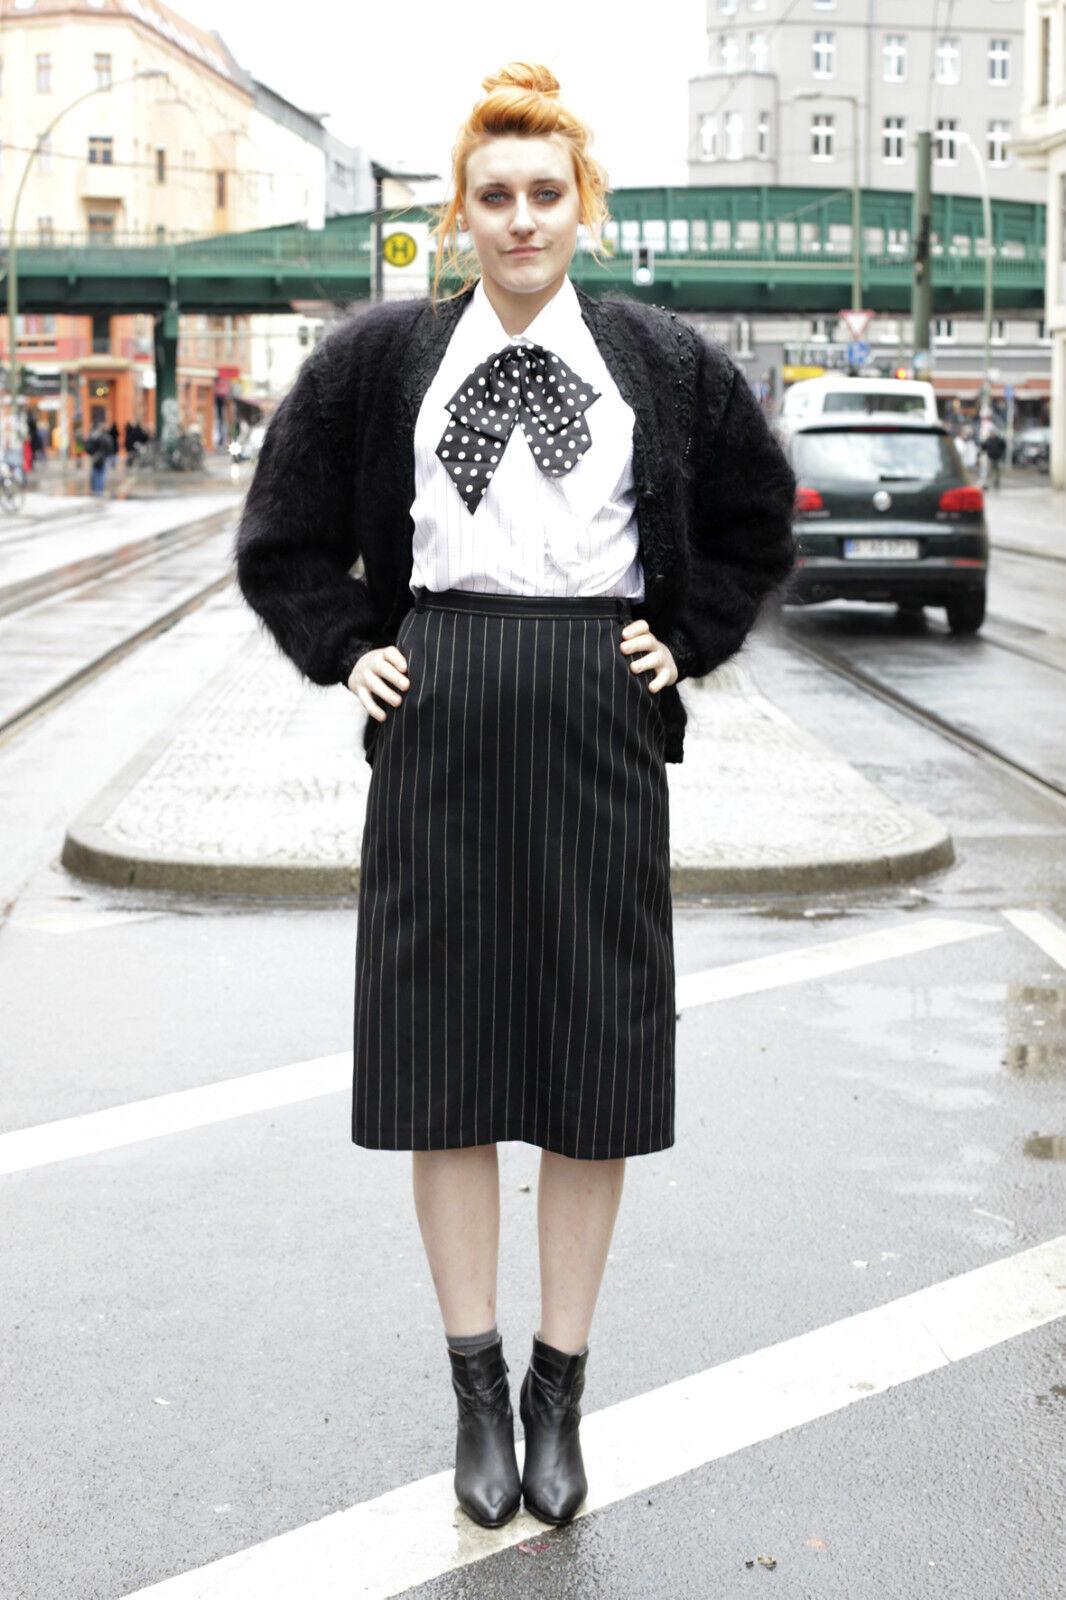 VEB Dessauer fabbrica abbigliamento abbigliamento abbigliamento donna gonna skirt 80´s True Vintage donna 80er nero f56049